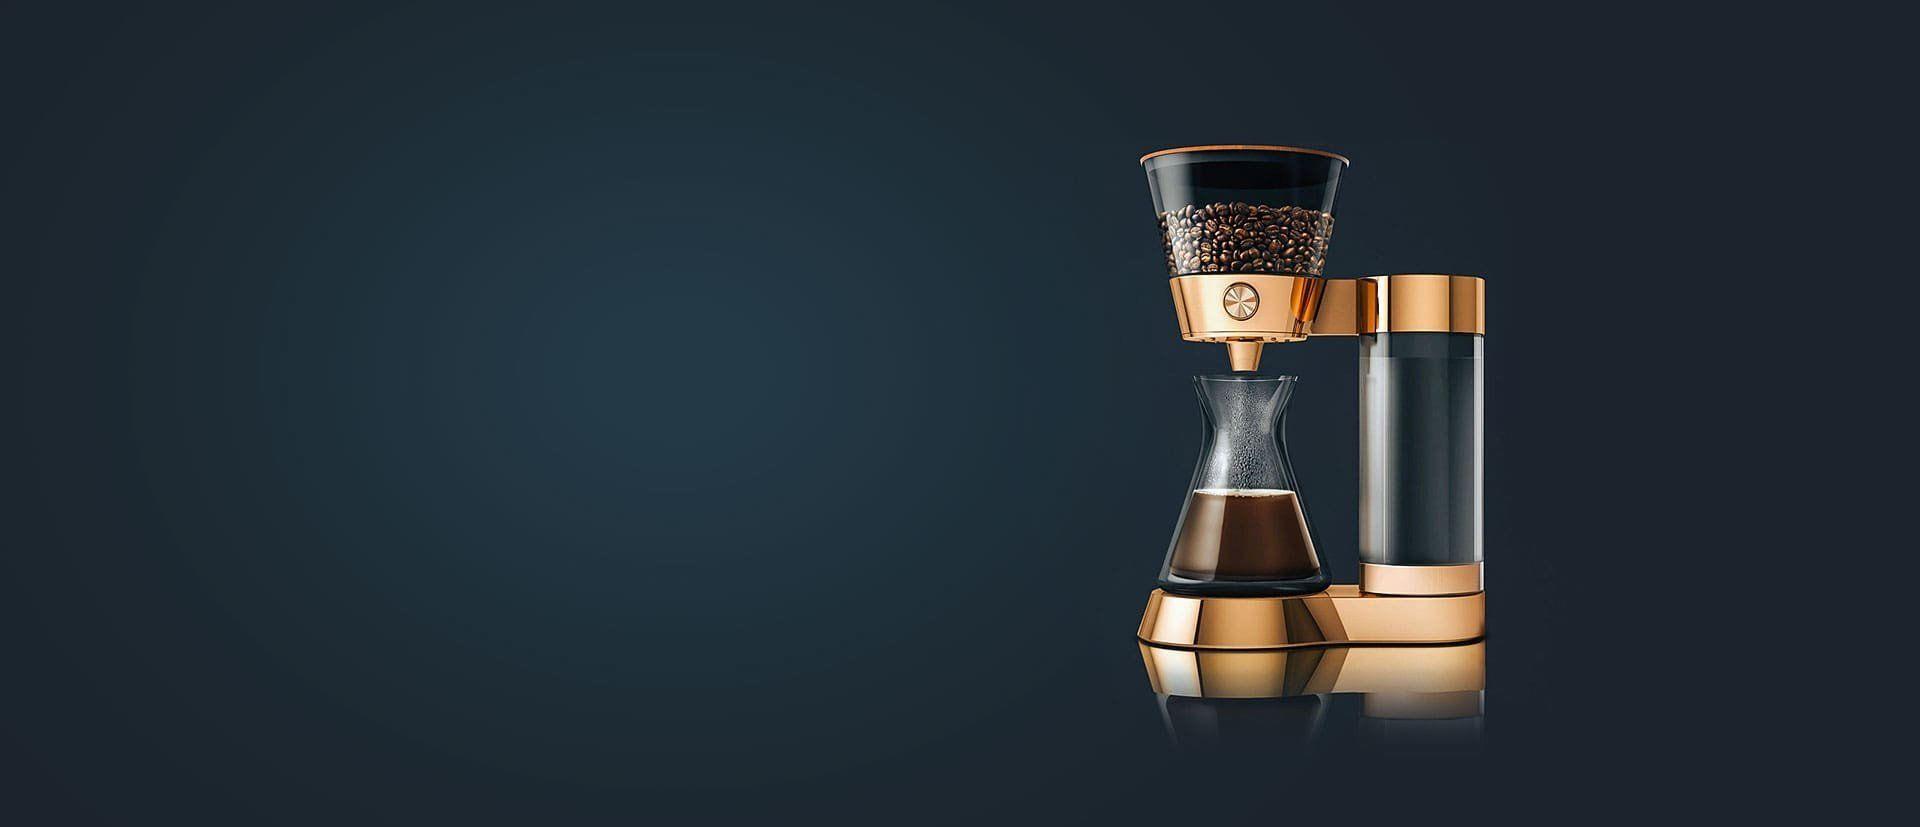 Koffie Slide